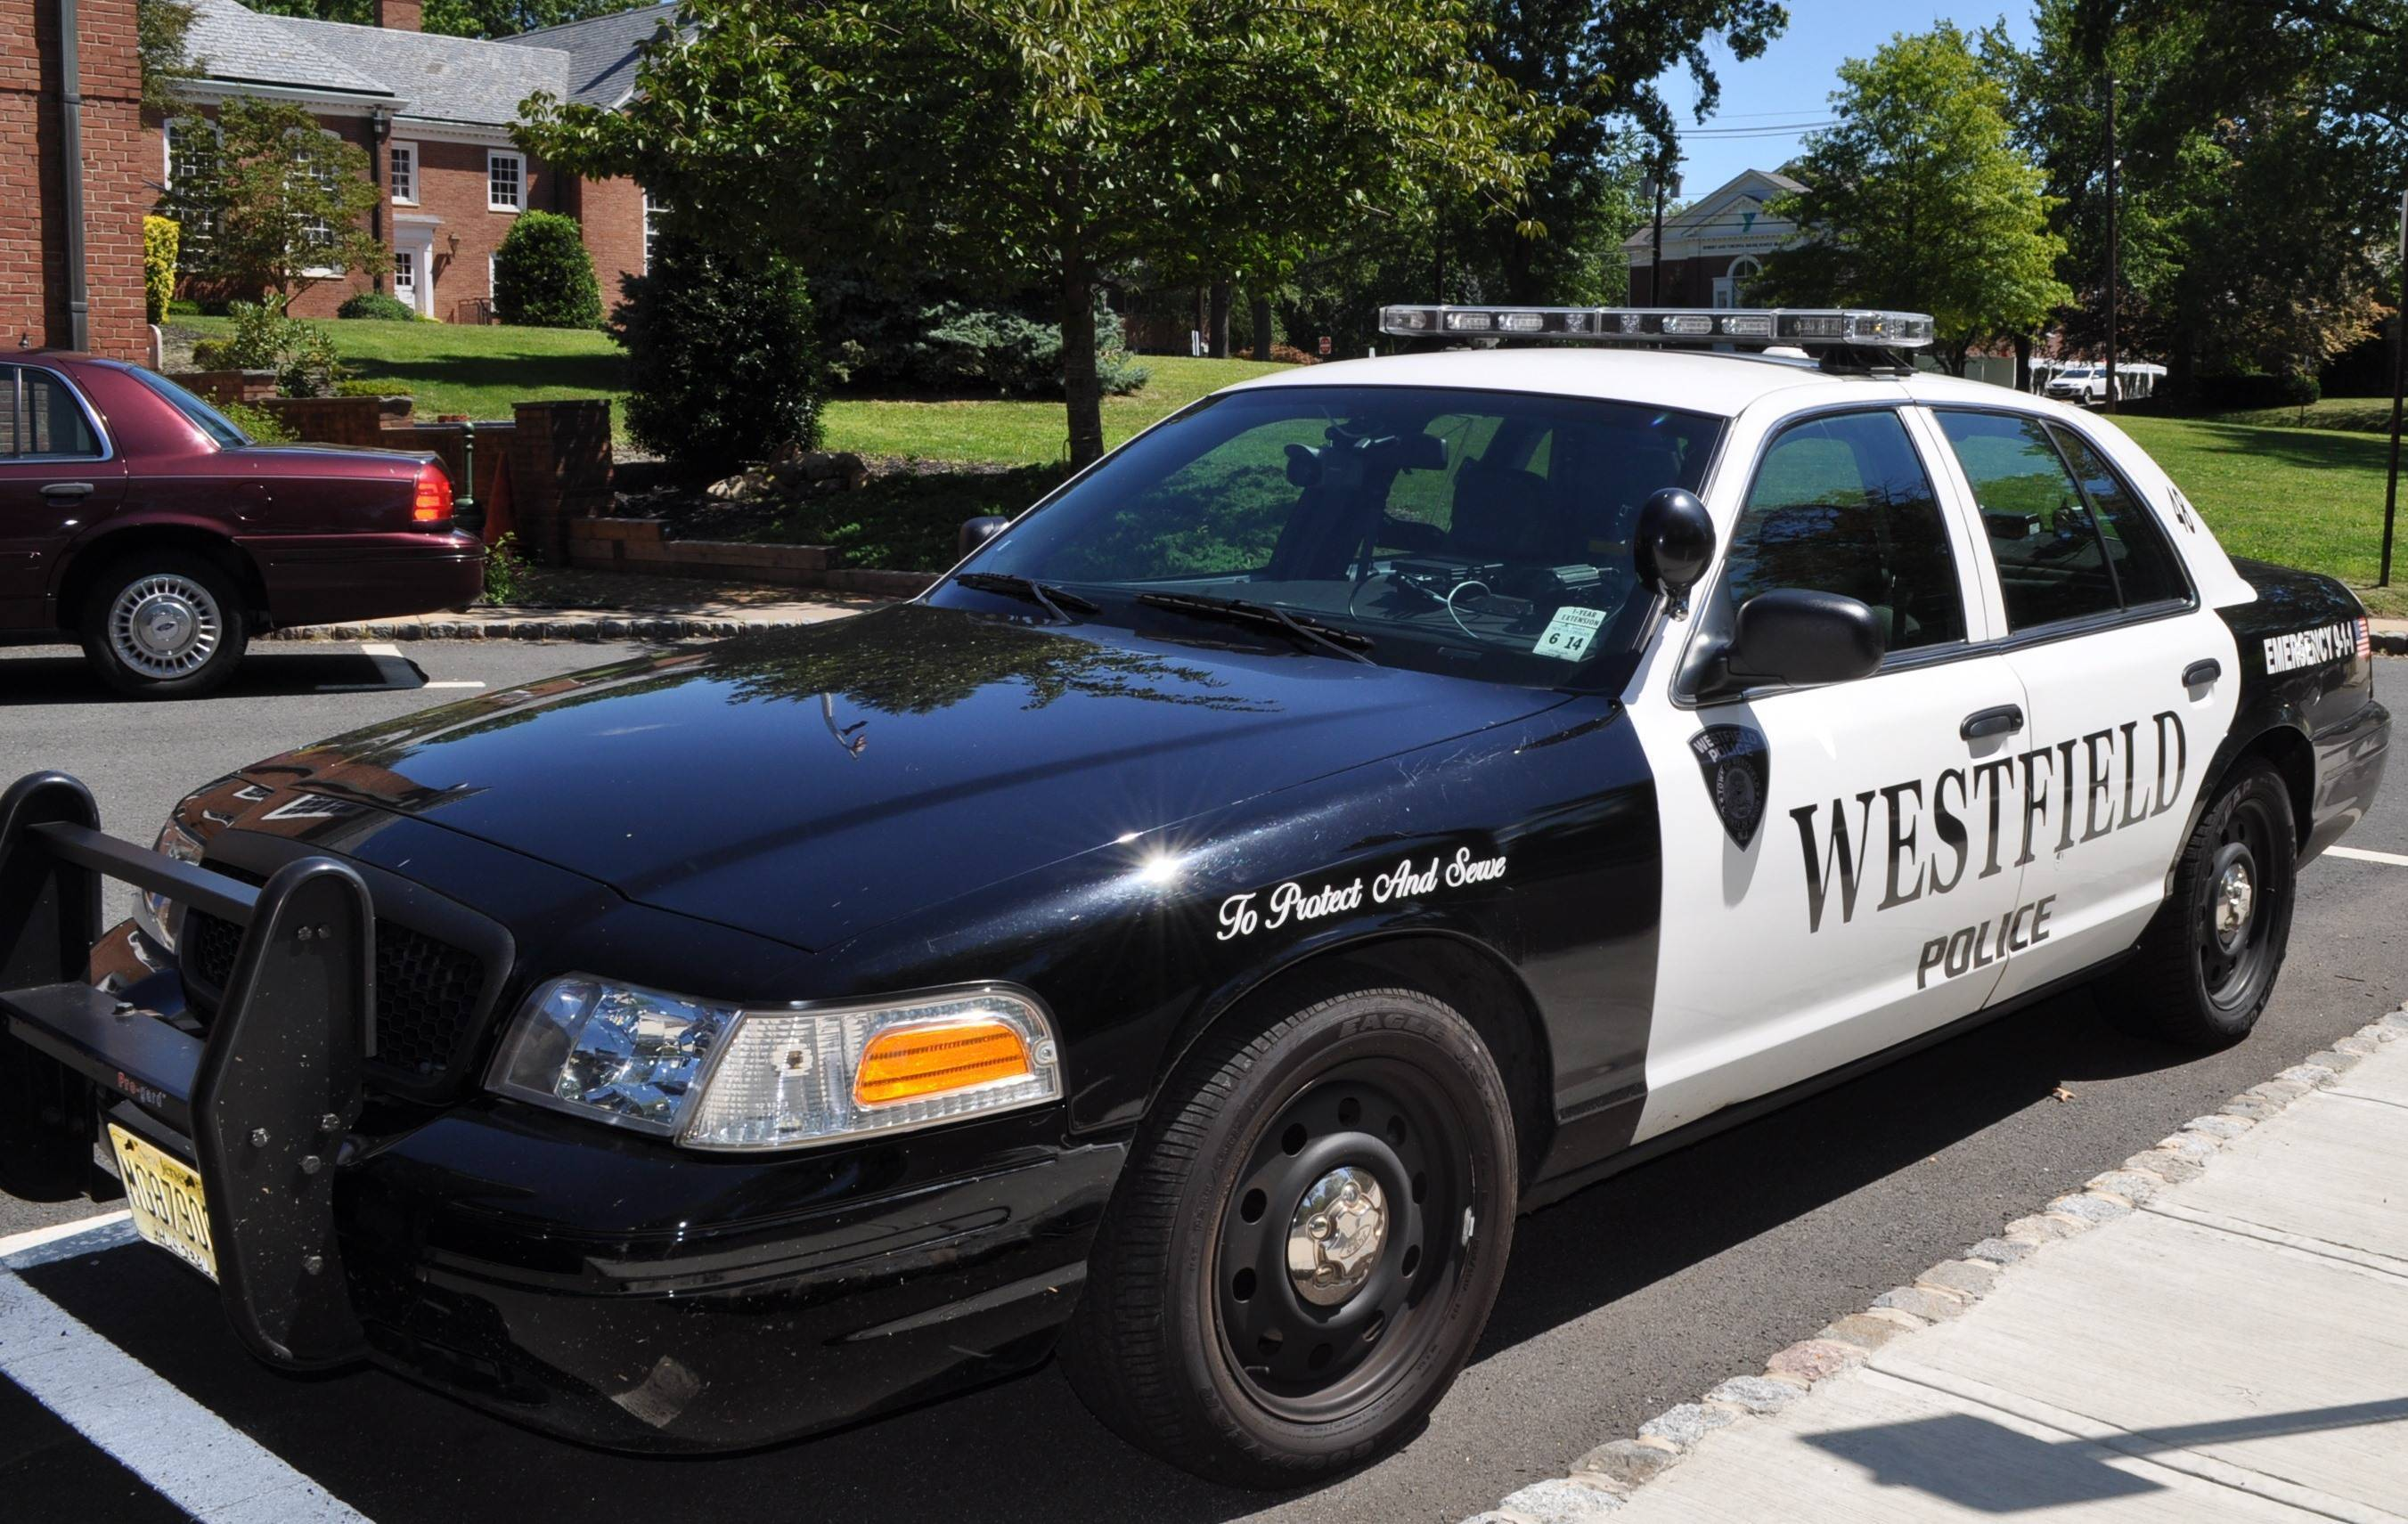 74bfc49ab605bc4938da_bf481b63ad2fe1968080_police_car.JPG